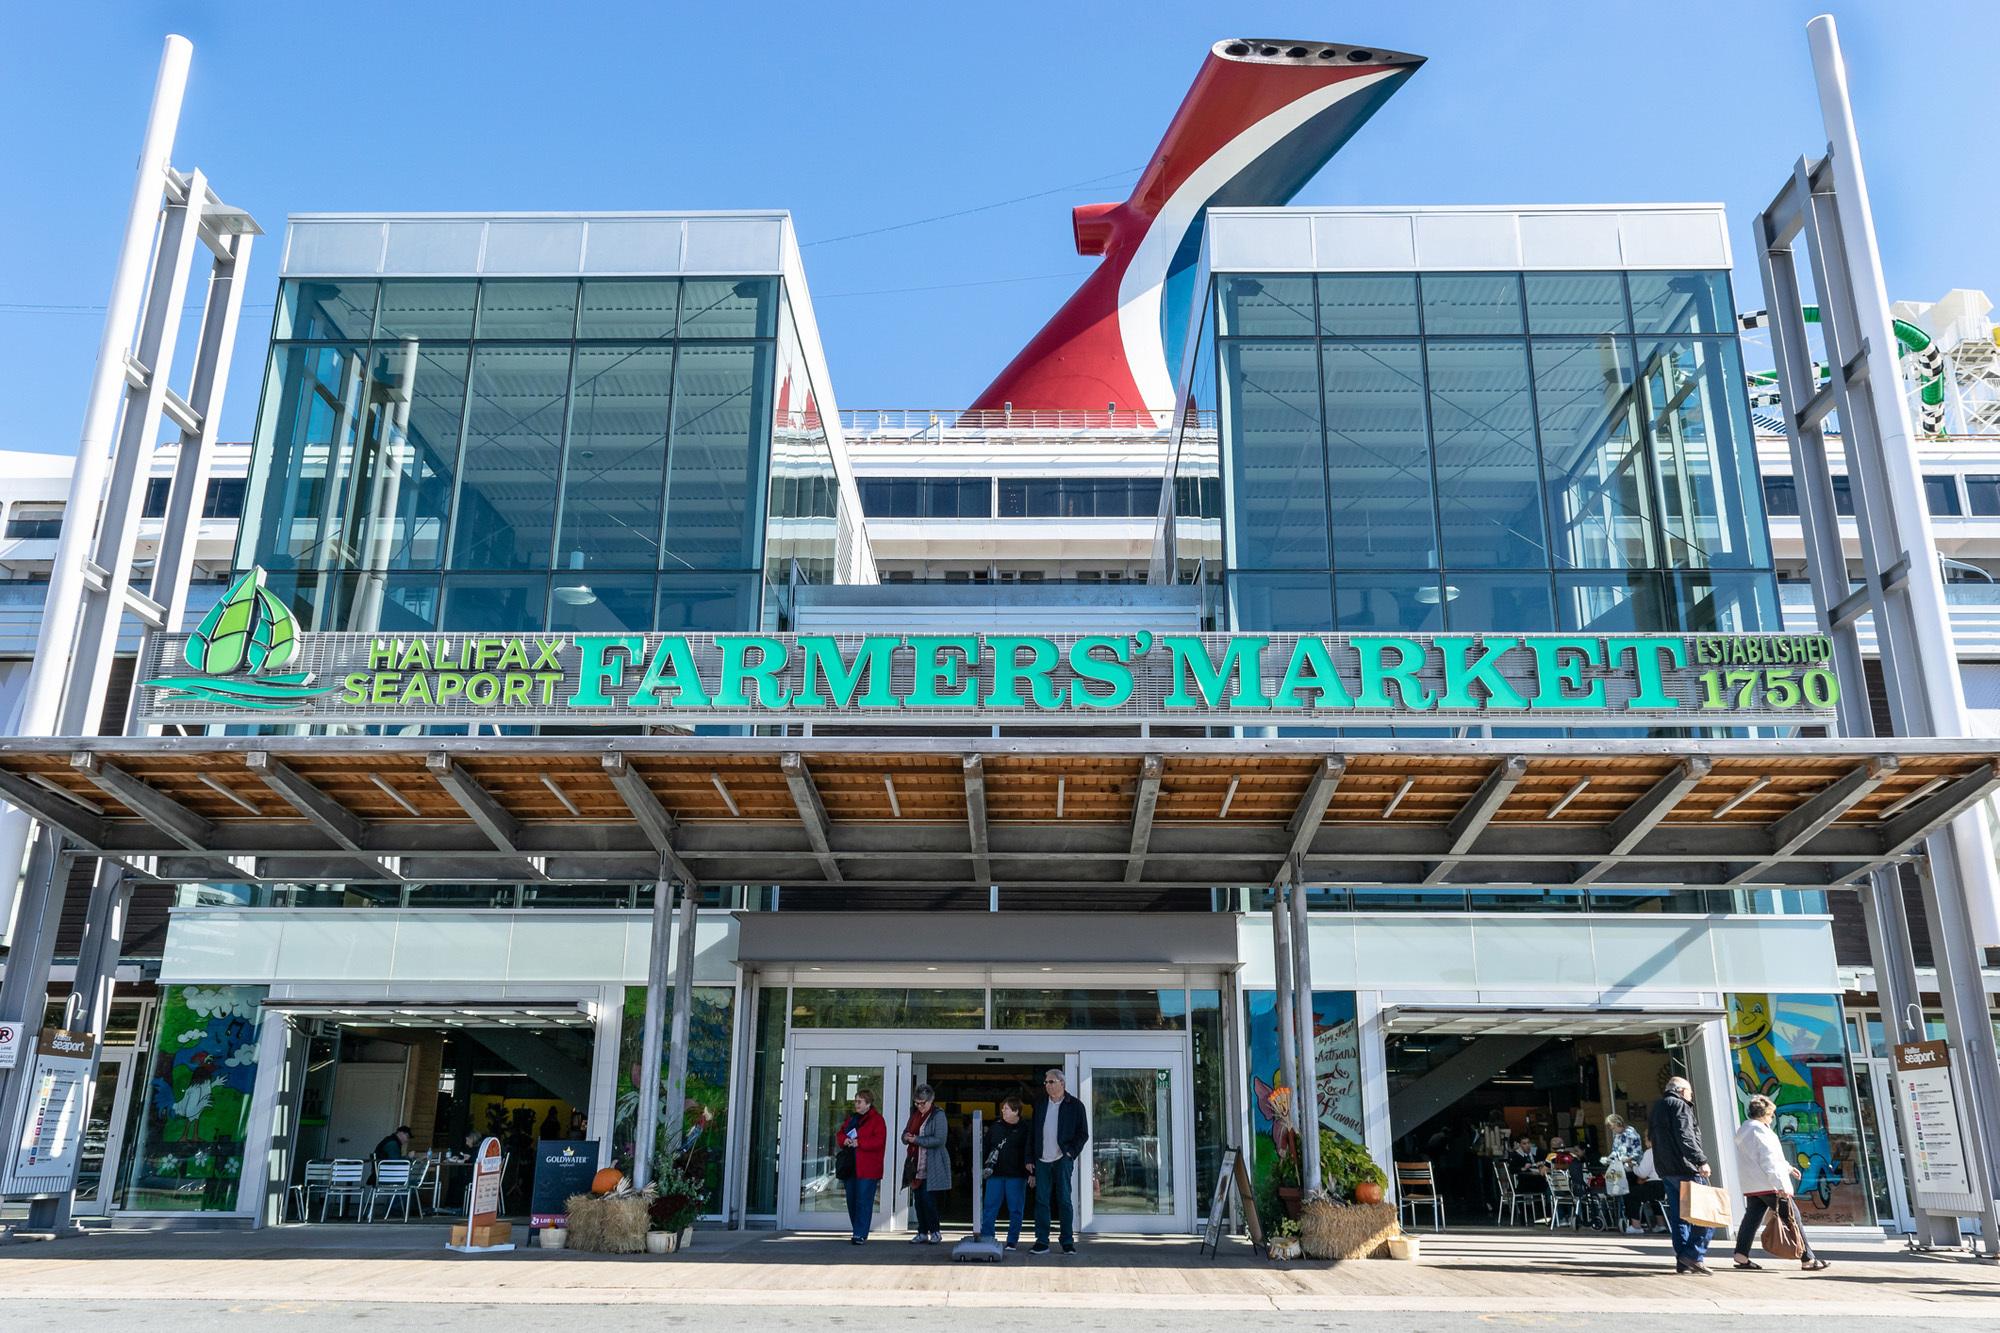 Halifax-Farmers-Market-exterior.jpg?mtime=20190304111826#asset:105062